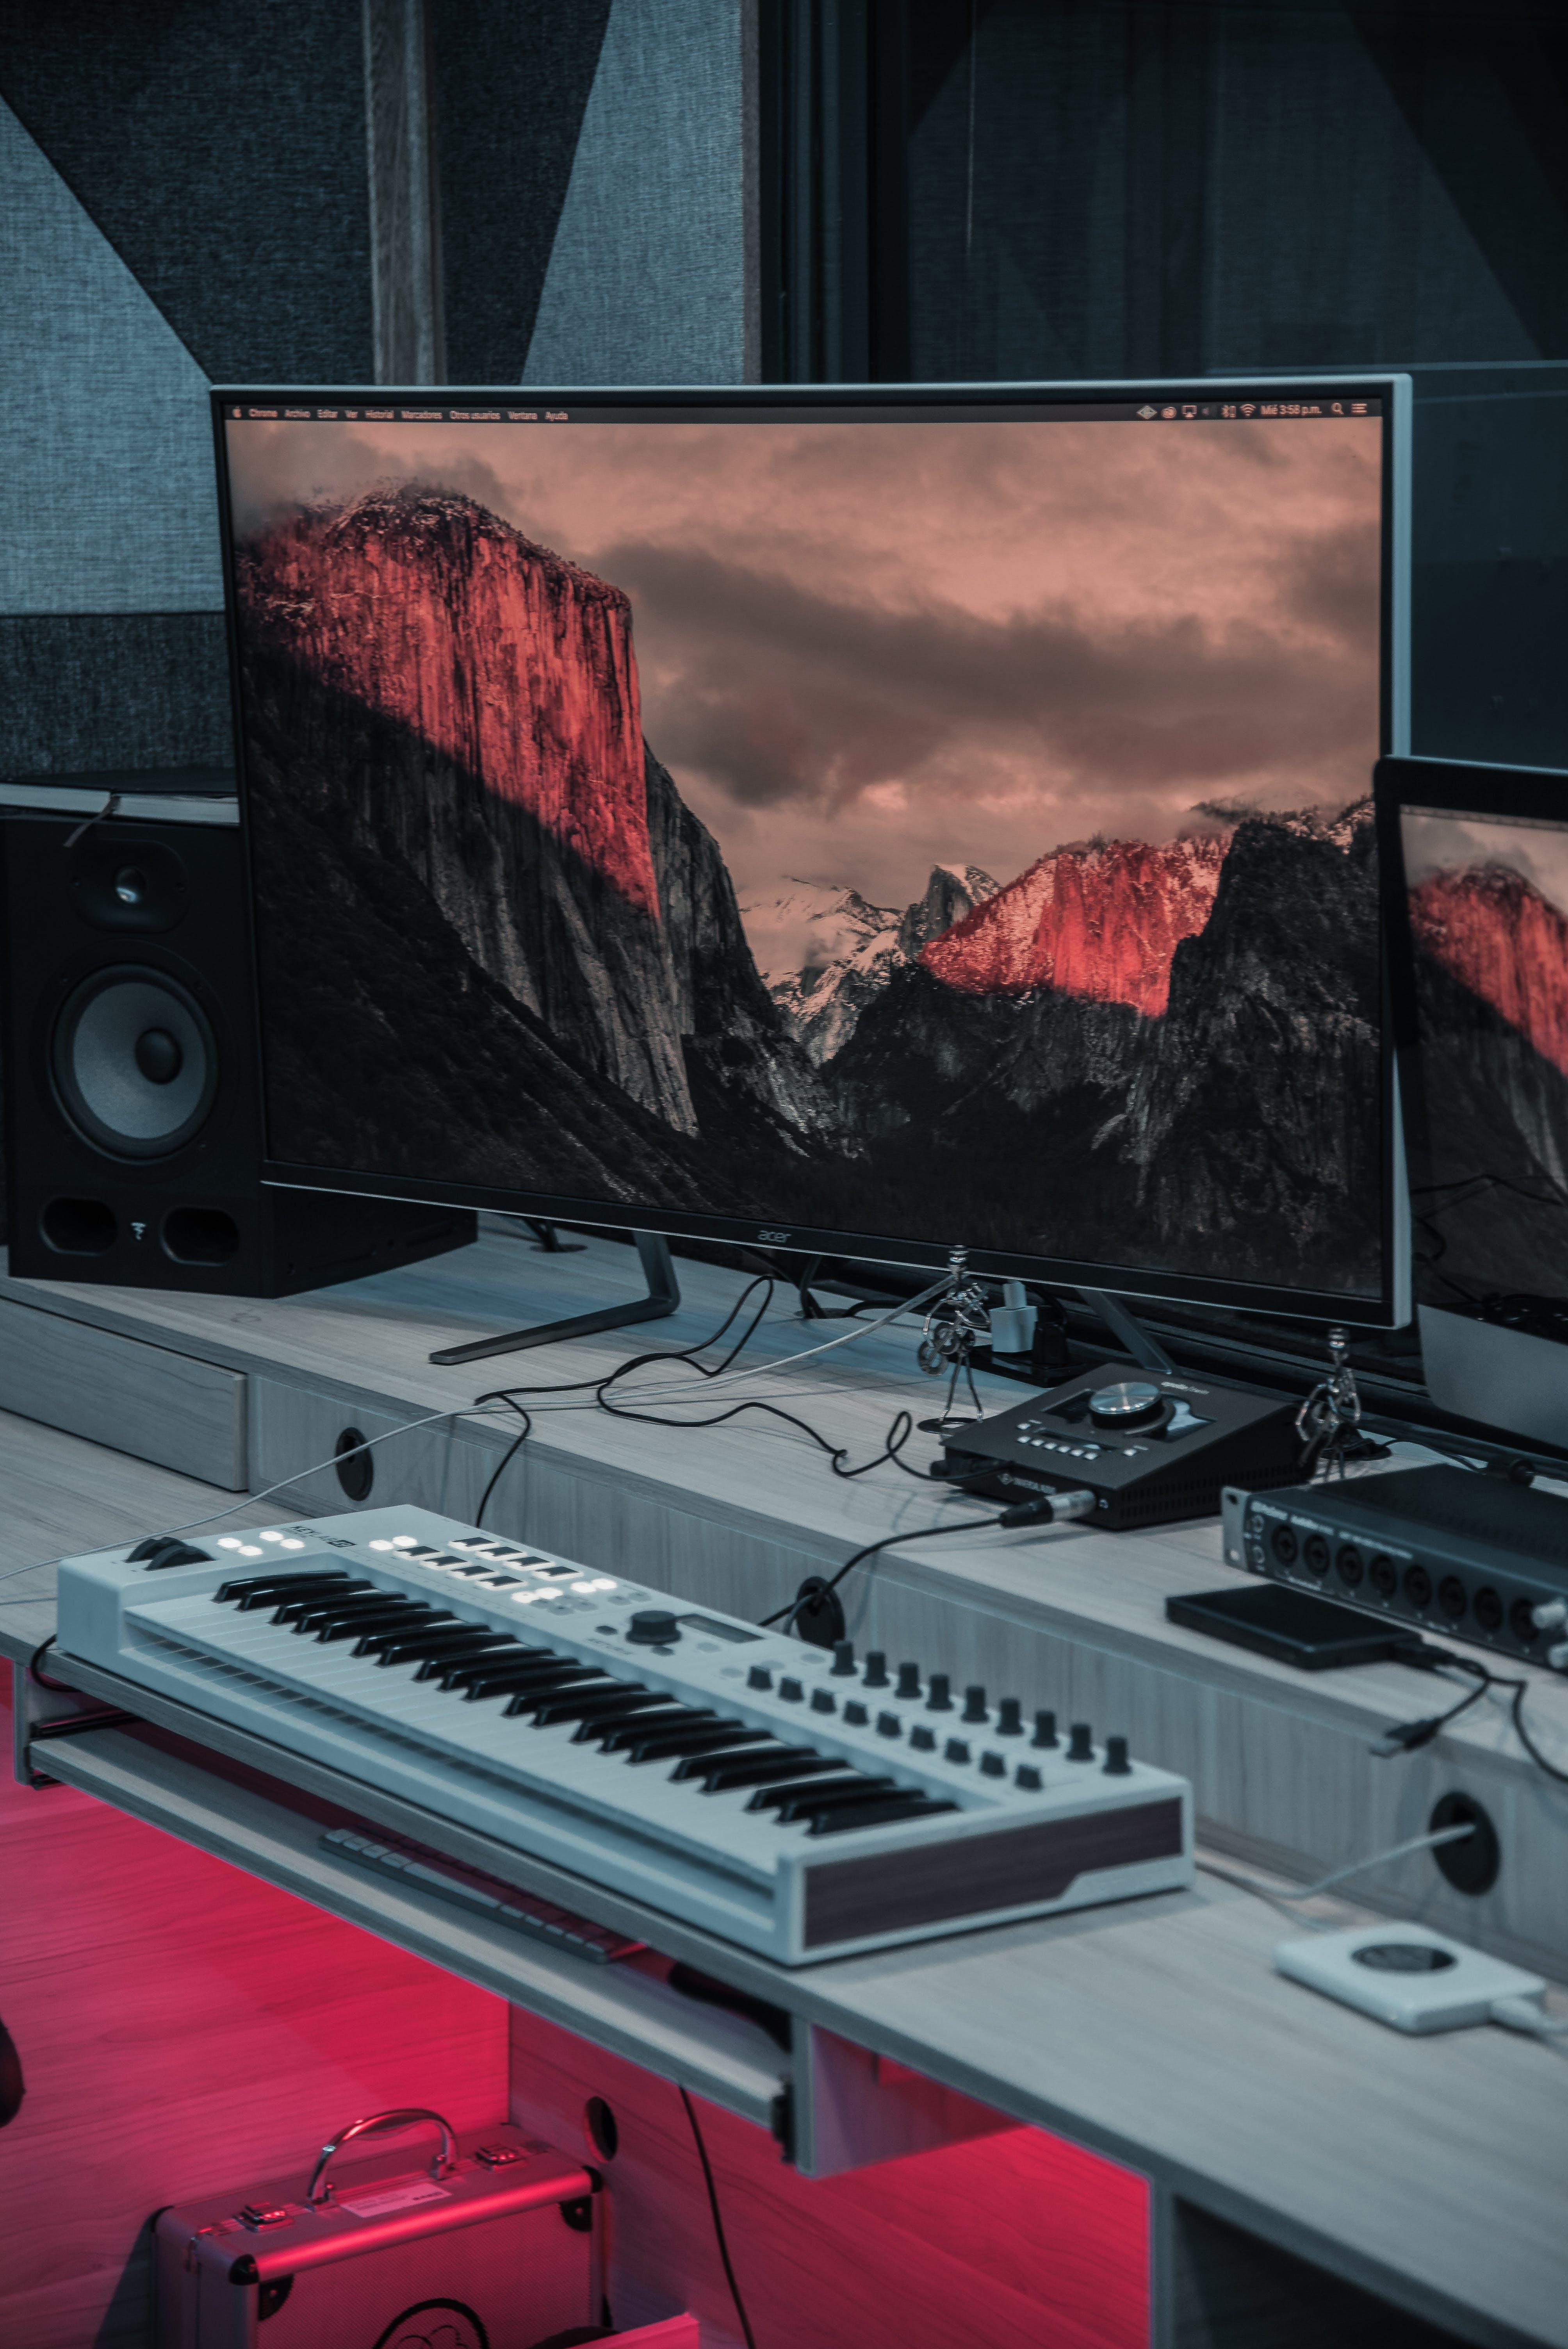 기술, 녹음, 모니터, 믹서의 무료 스톡 사진